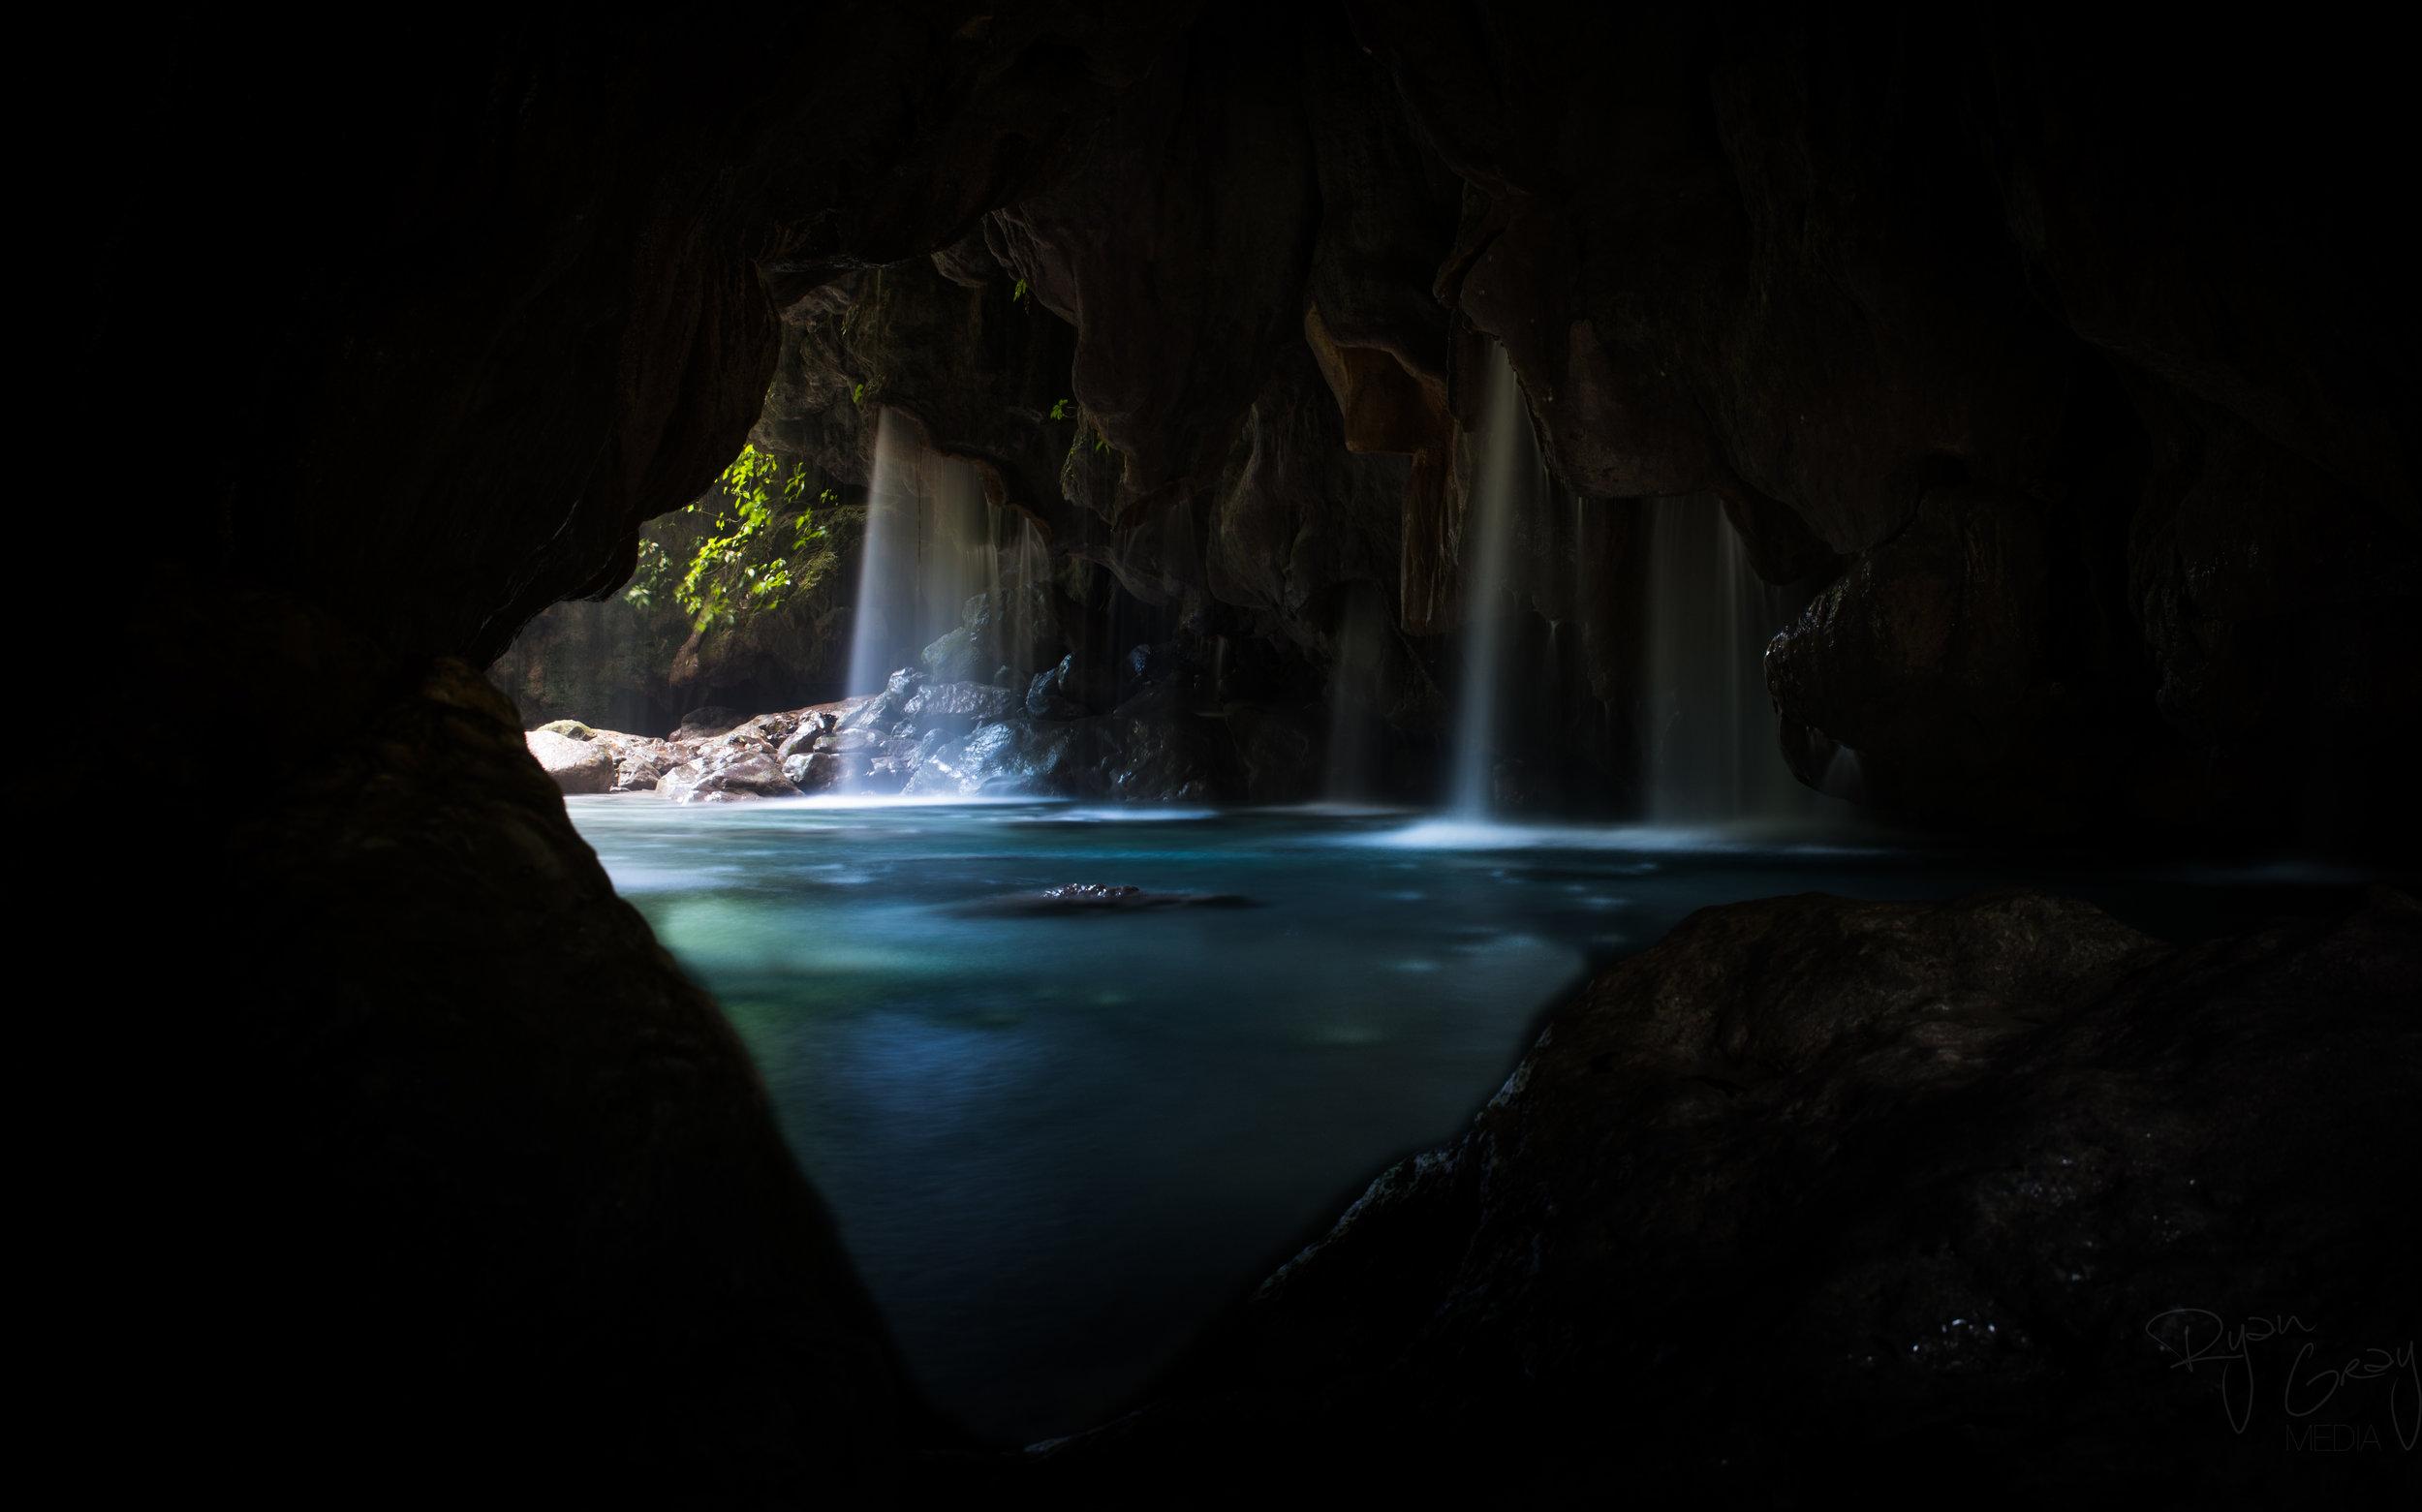 Mexico Puente de dios queretero sierra gorda THISWORLDEXISTS adventure travel Ryan Gray Media